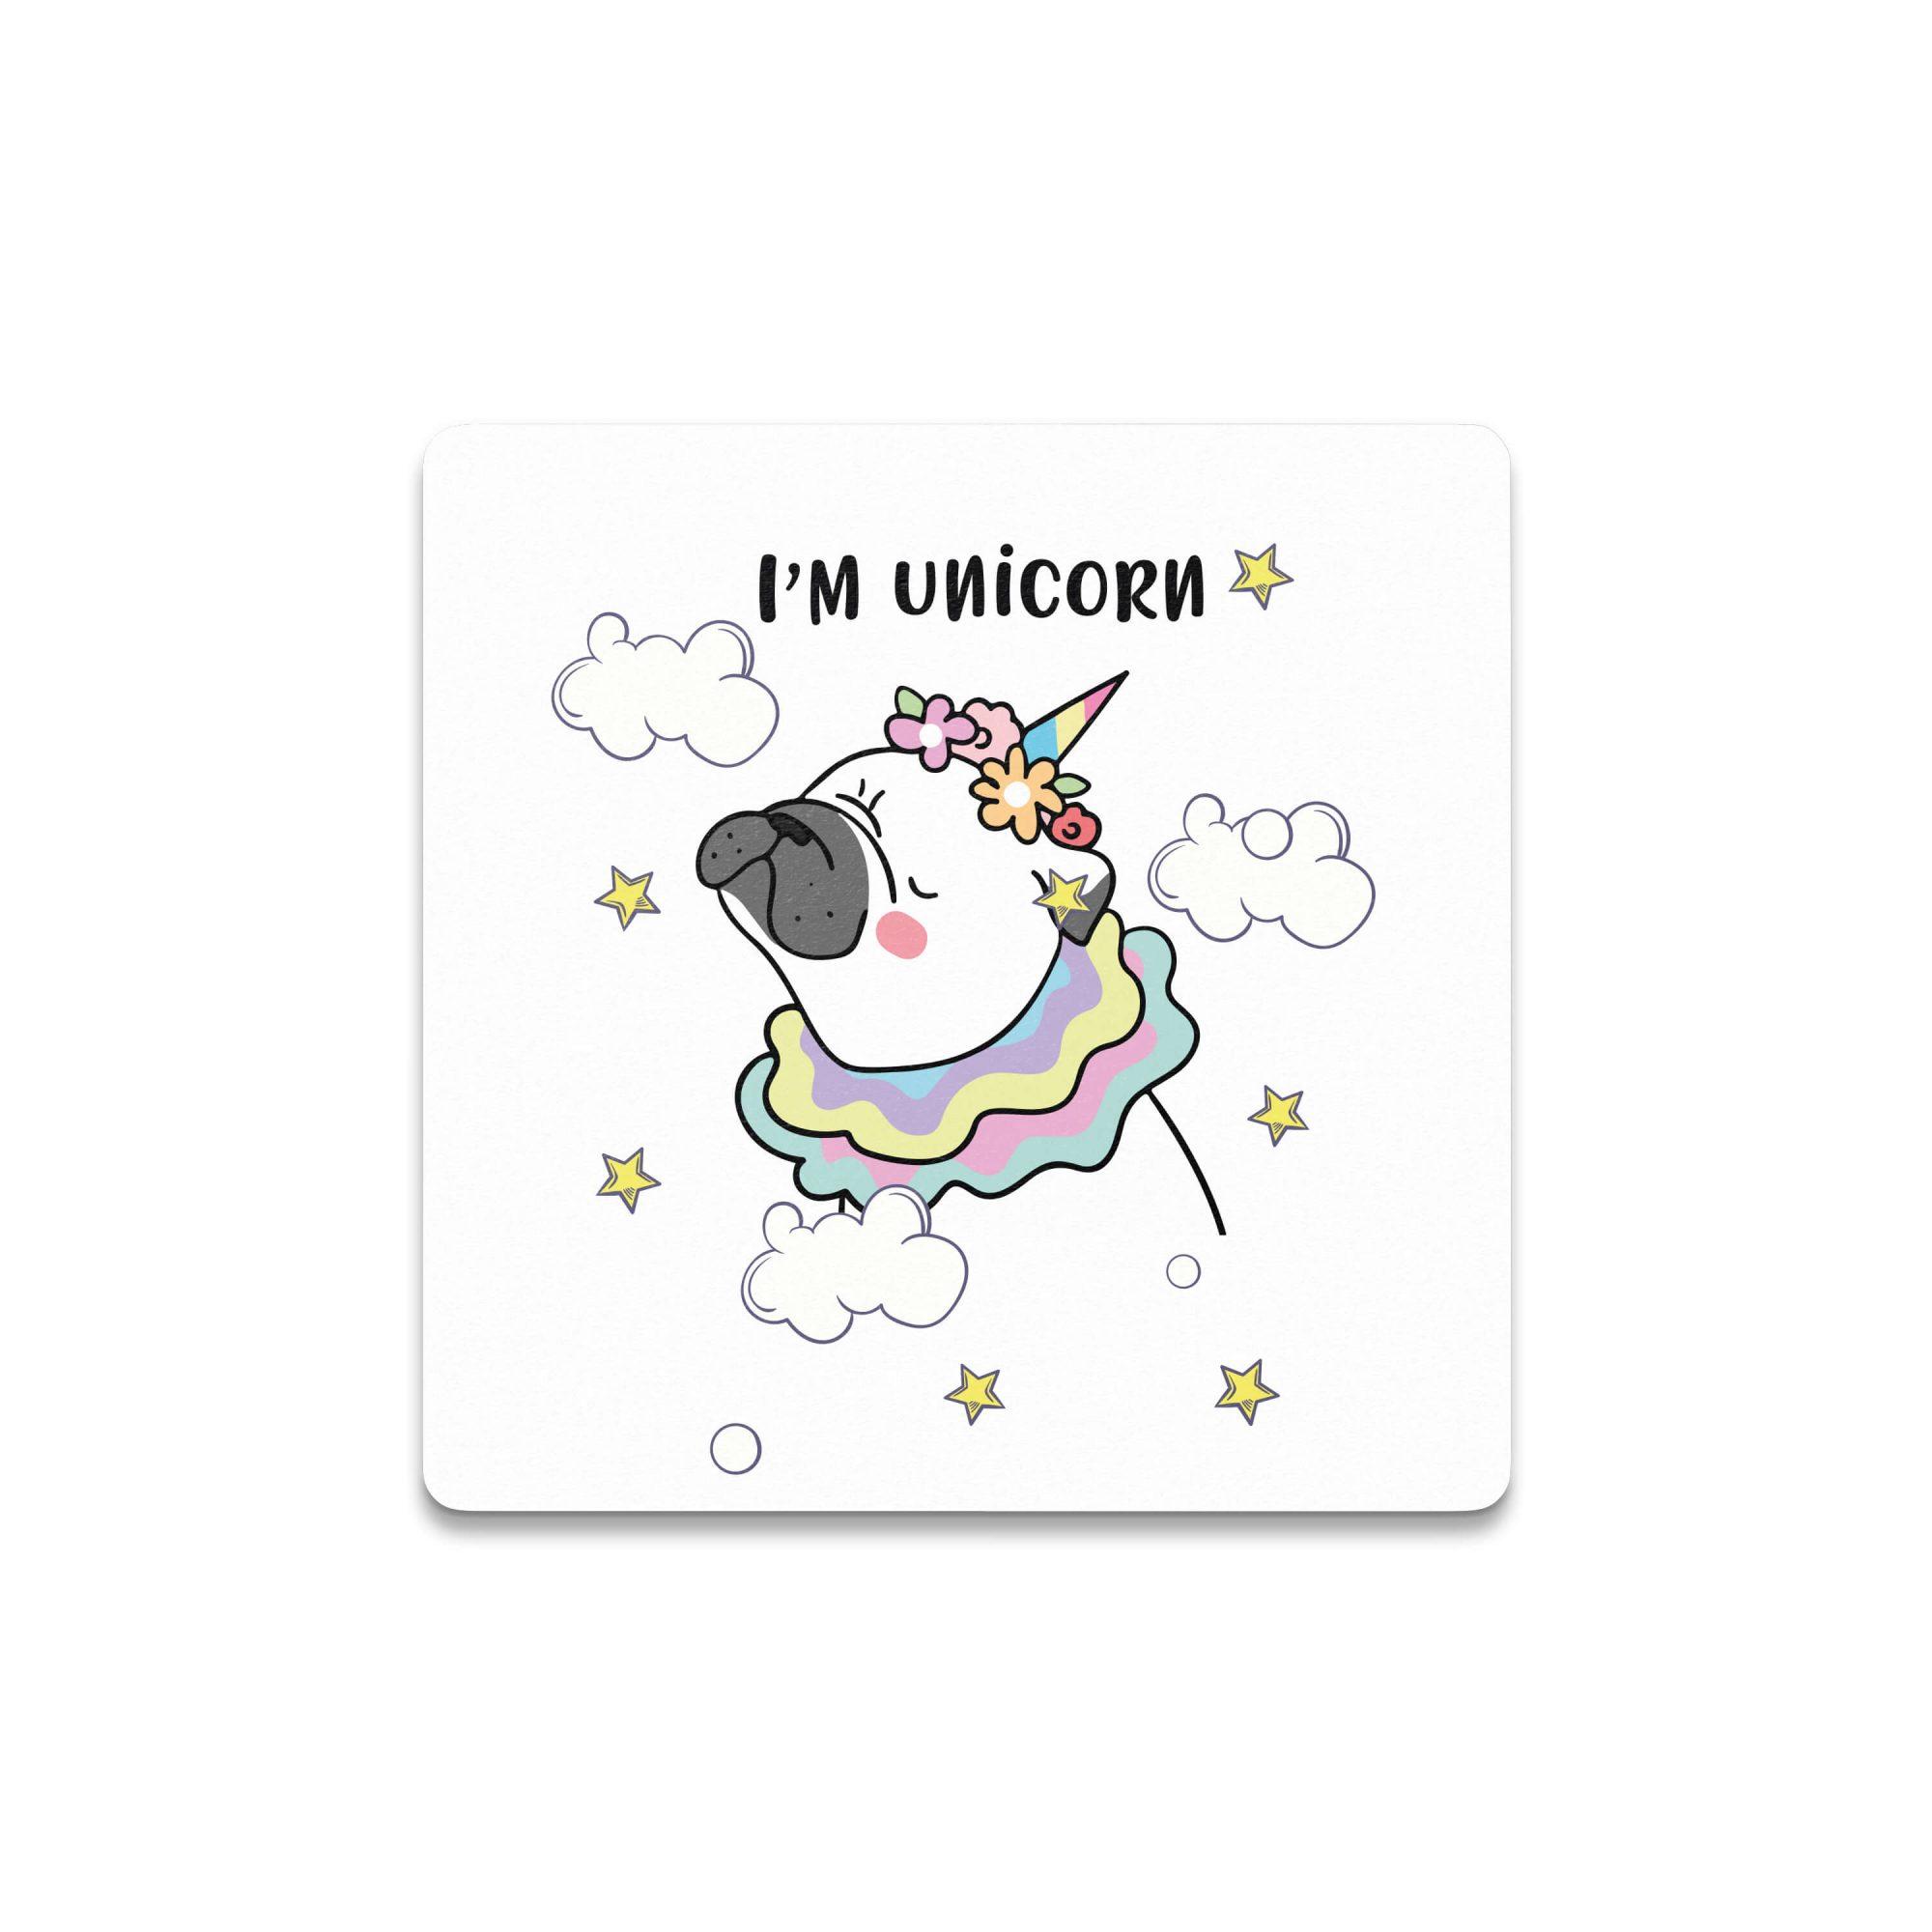 I'm Unicorn